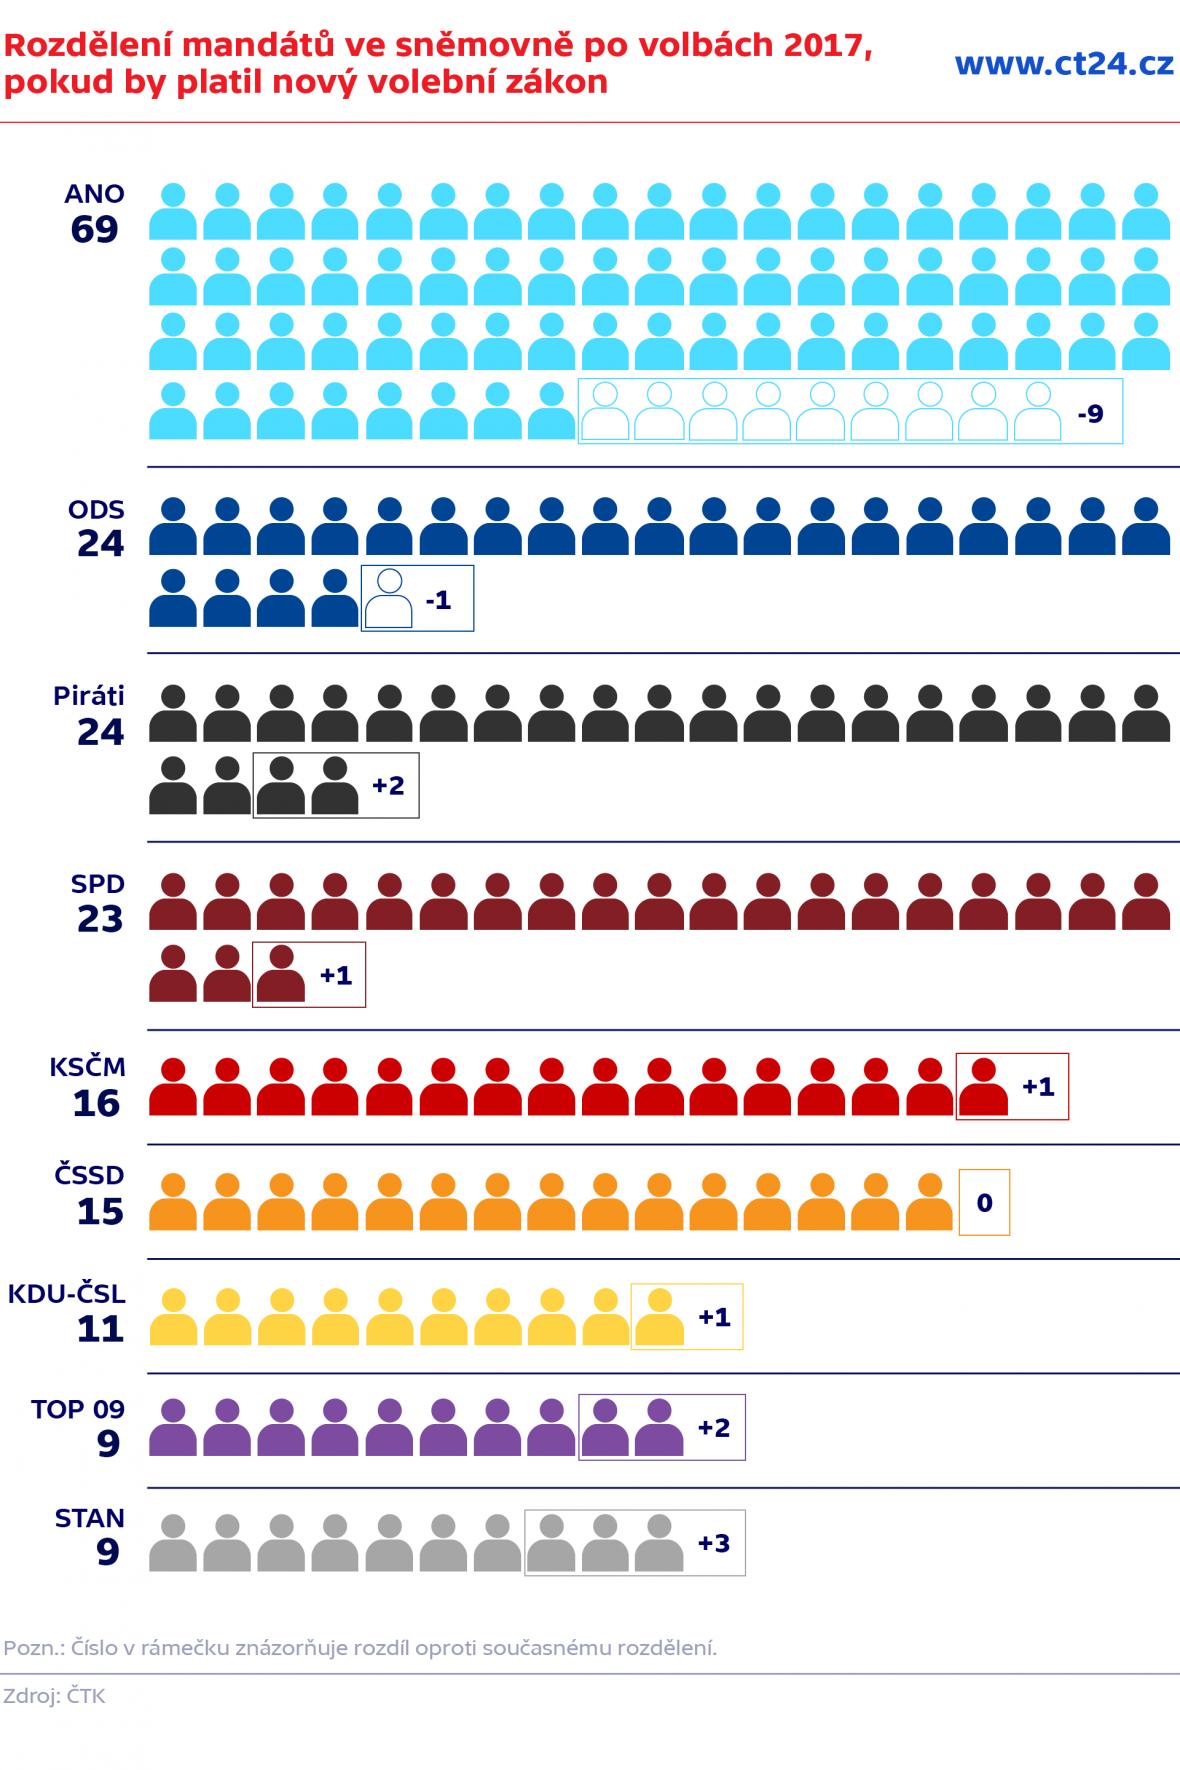 Rozdělení mandátů ve Sněmovně po volbách 2017, pokud by platil nový volební zákon